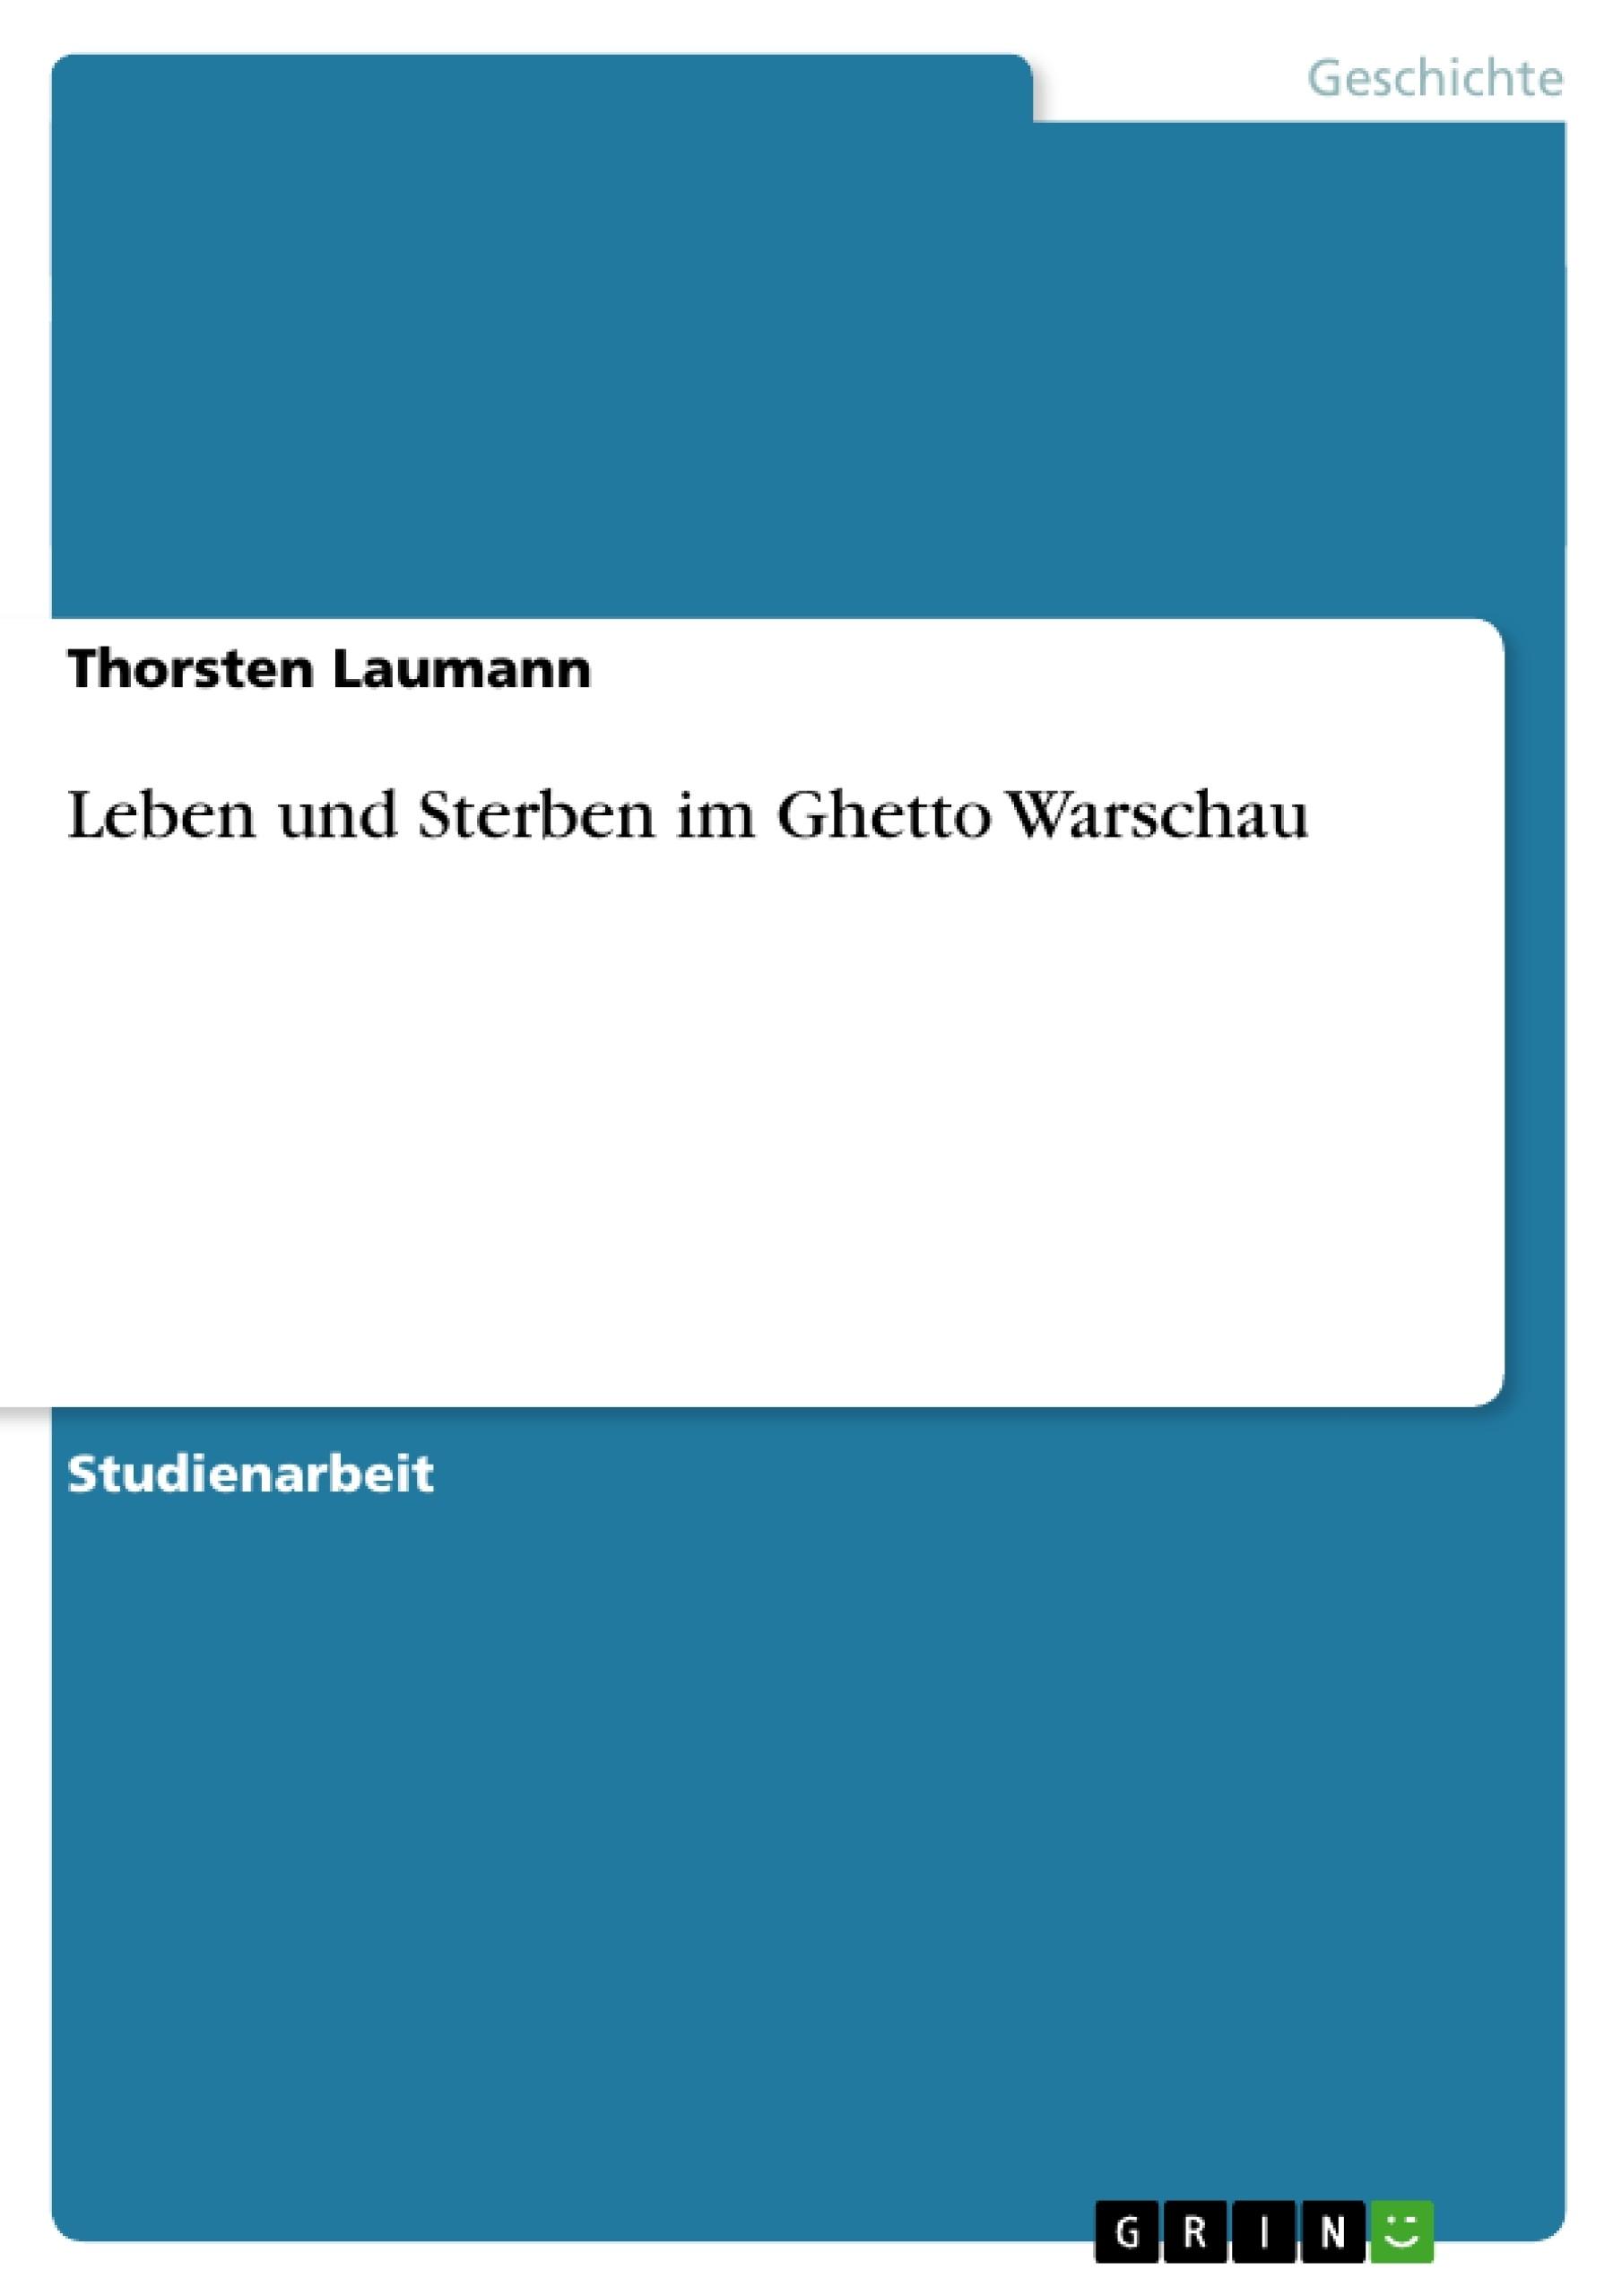 Titel: Leben und Sterben im Ghetto Warschau